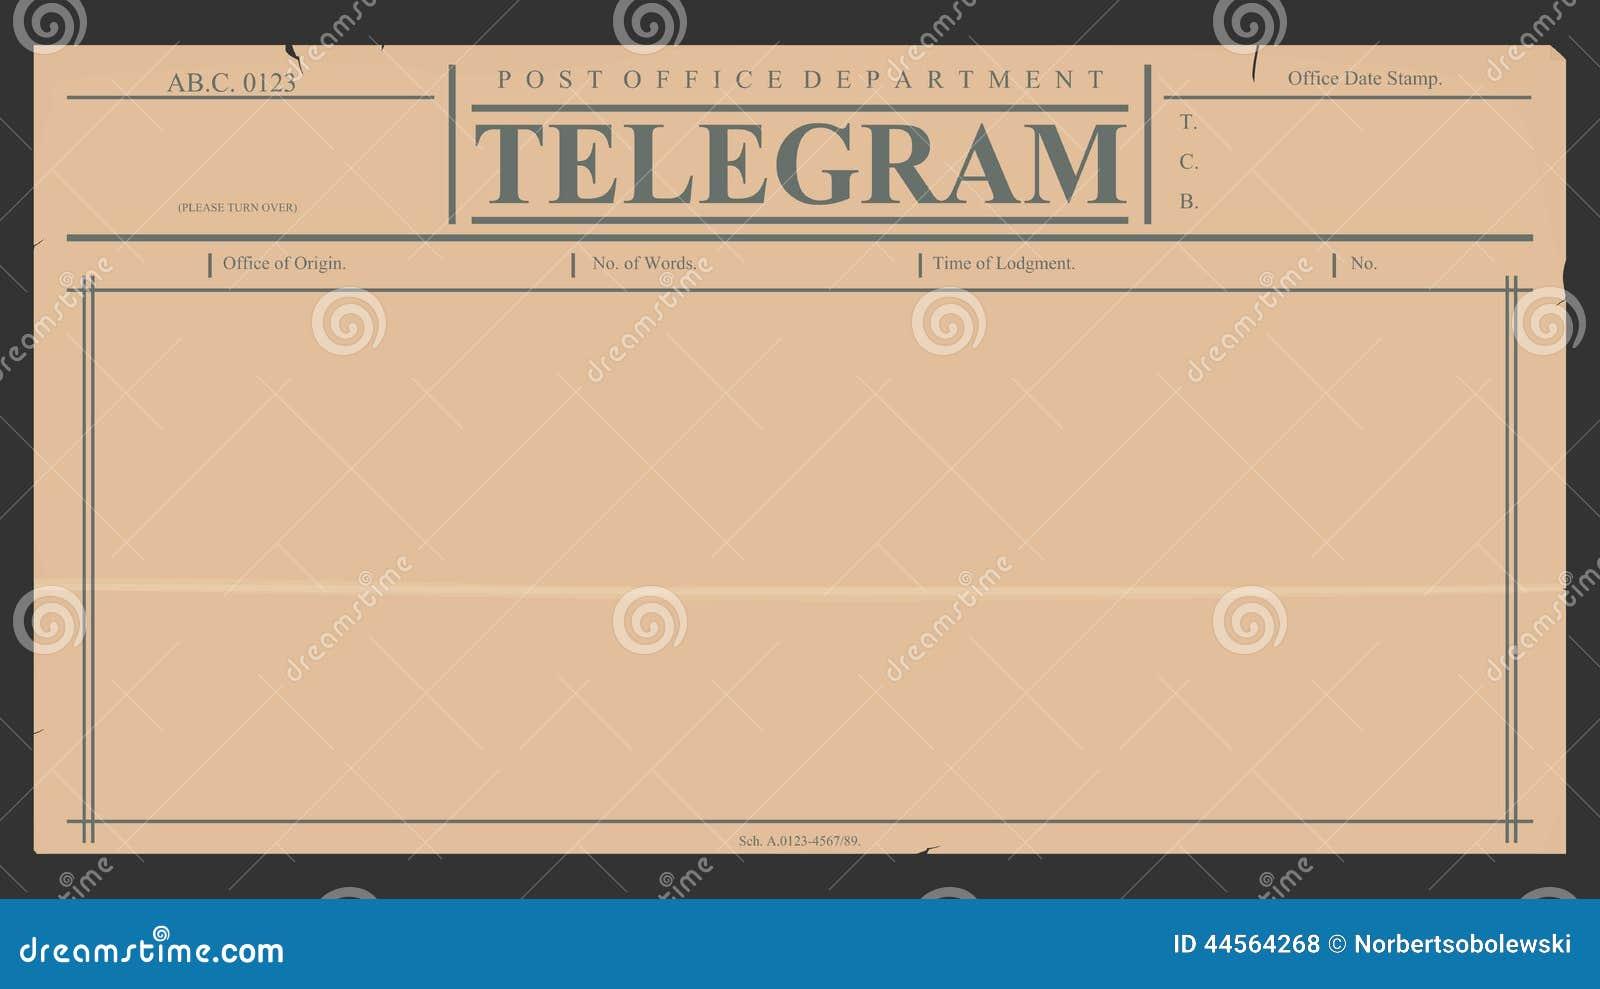 Telegrama Ultima versiune. Descărcați telegrama gratuită - download Telegram